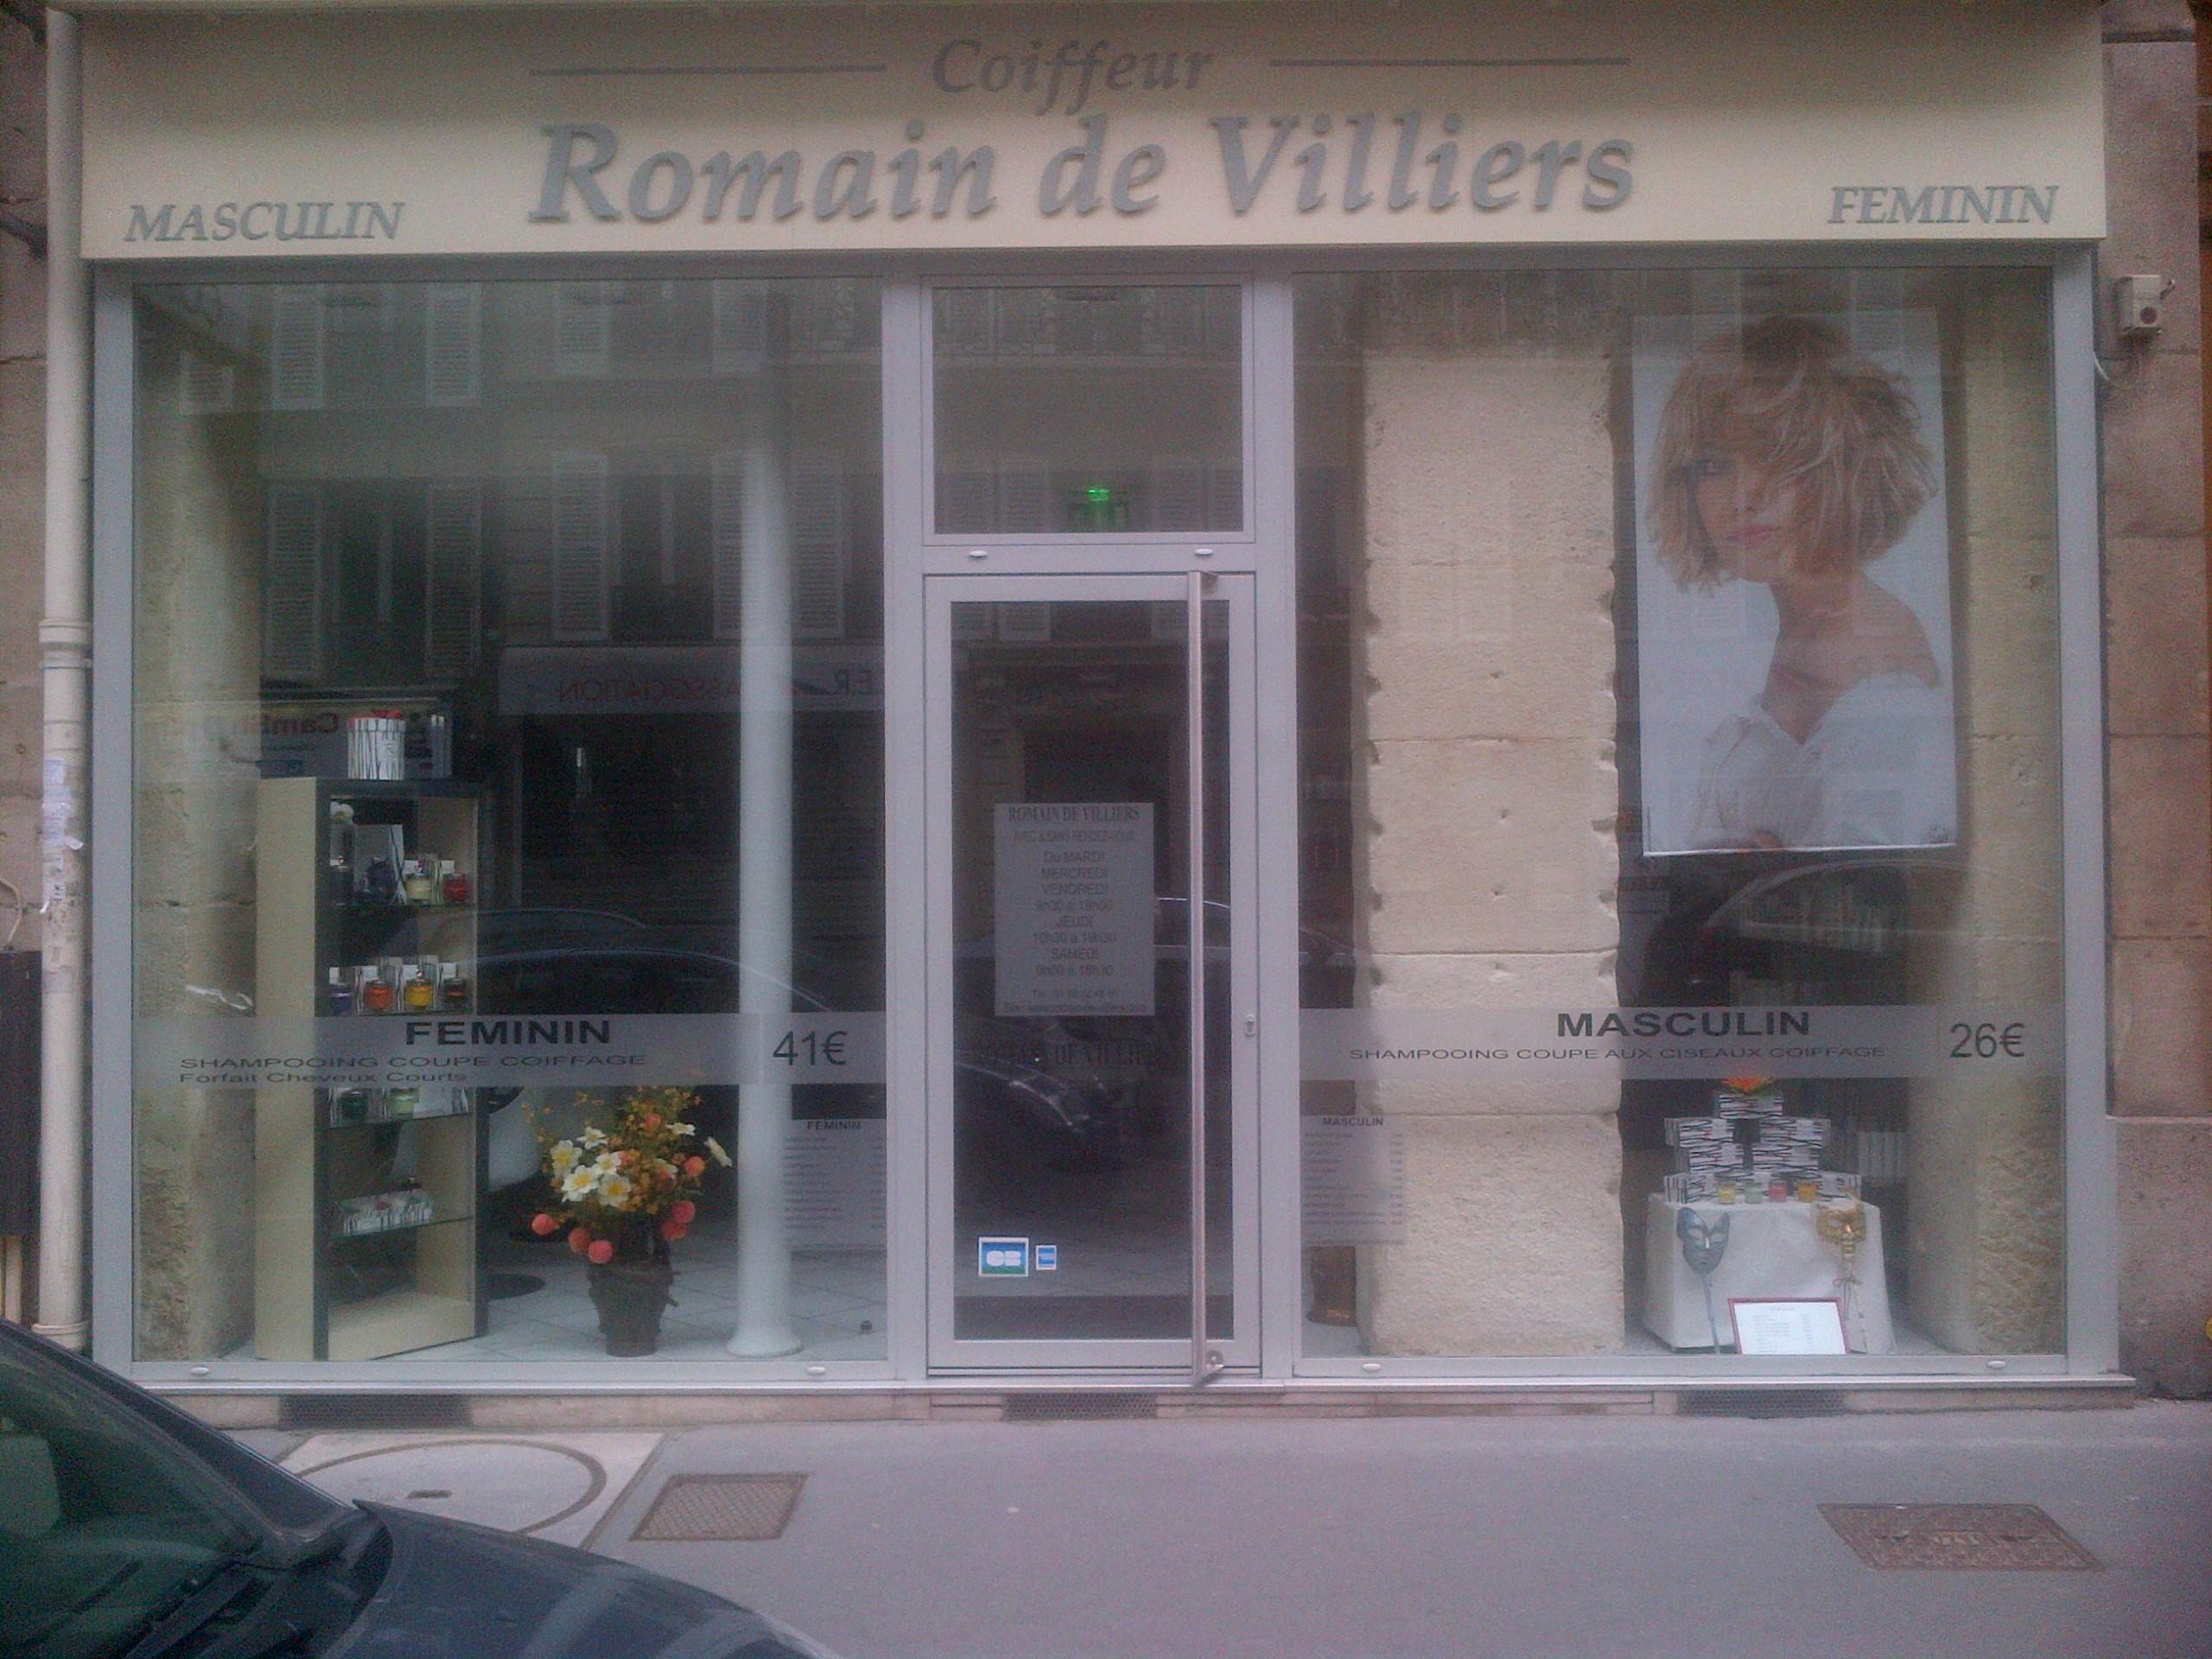 Romain de Villiers